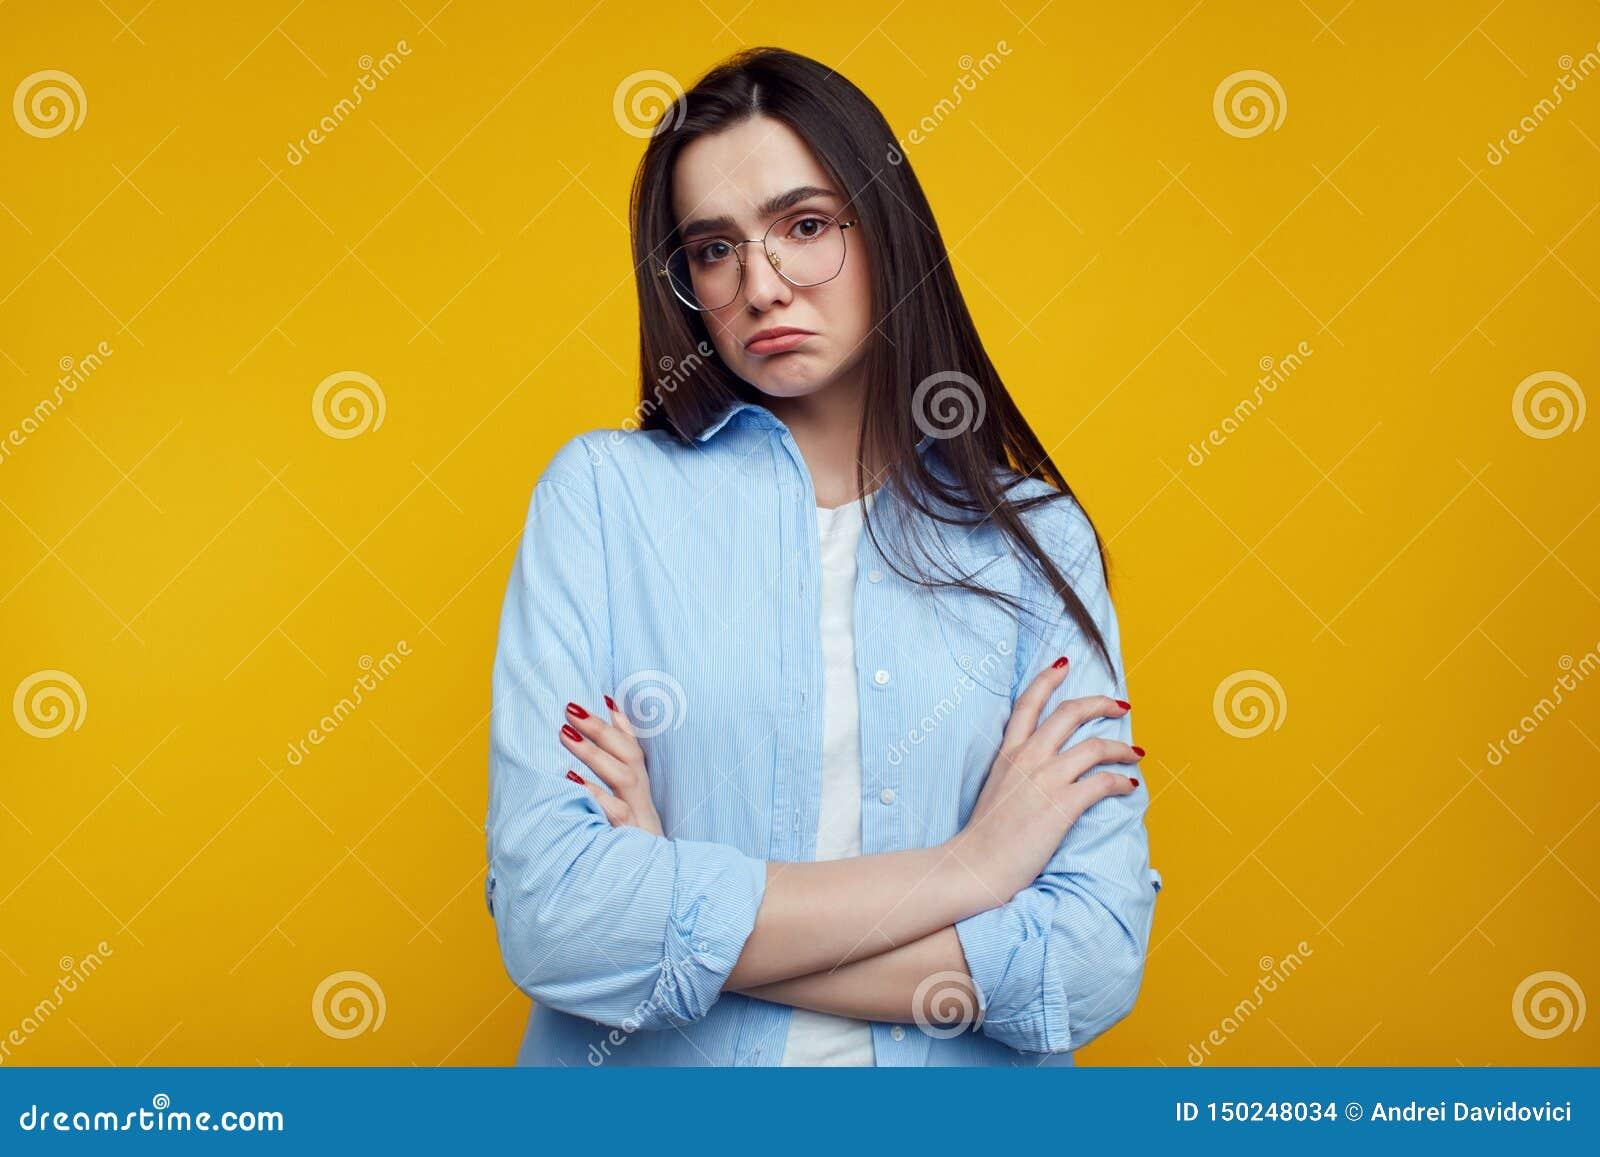 Το χαριτωμένο νέο κορίτσι έχει ανατρέψει κοιτάζει, καμπύλες που το χαμηλότερο χείλι, εκφράζει το dissatifaction και τη δυσαρέσκει